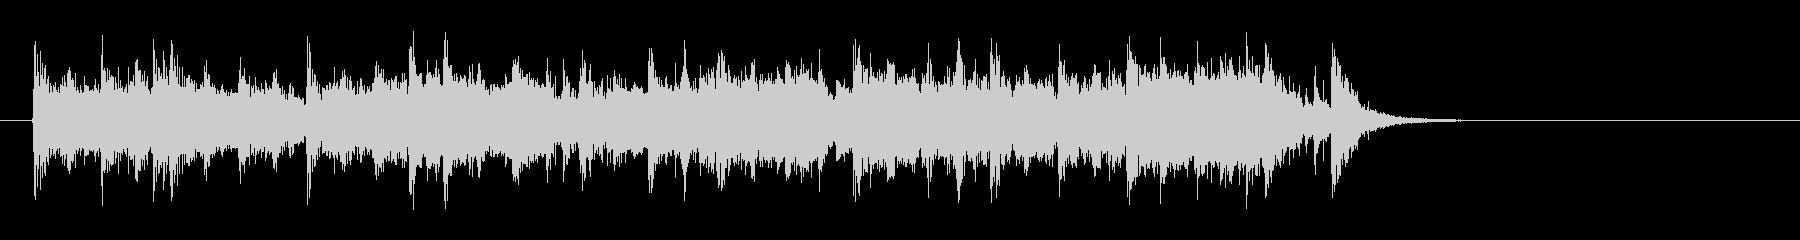 素朴なフォークポップス(サビ)の未再生の波形